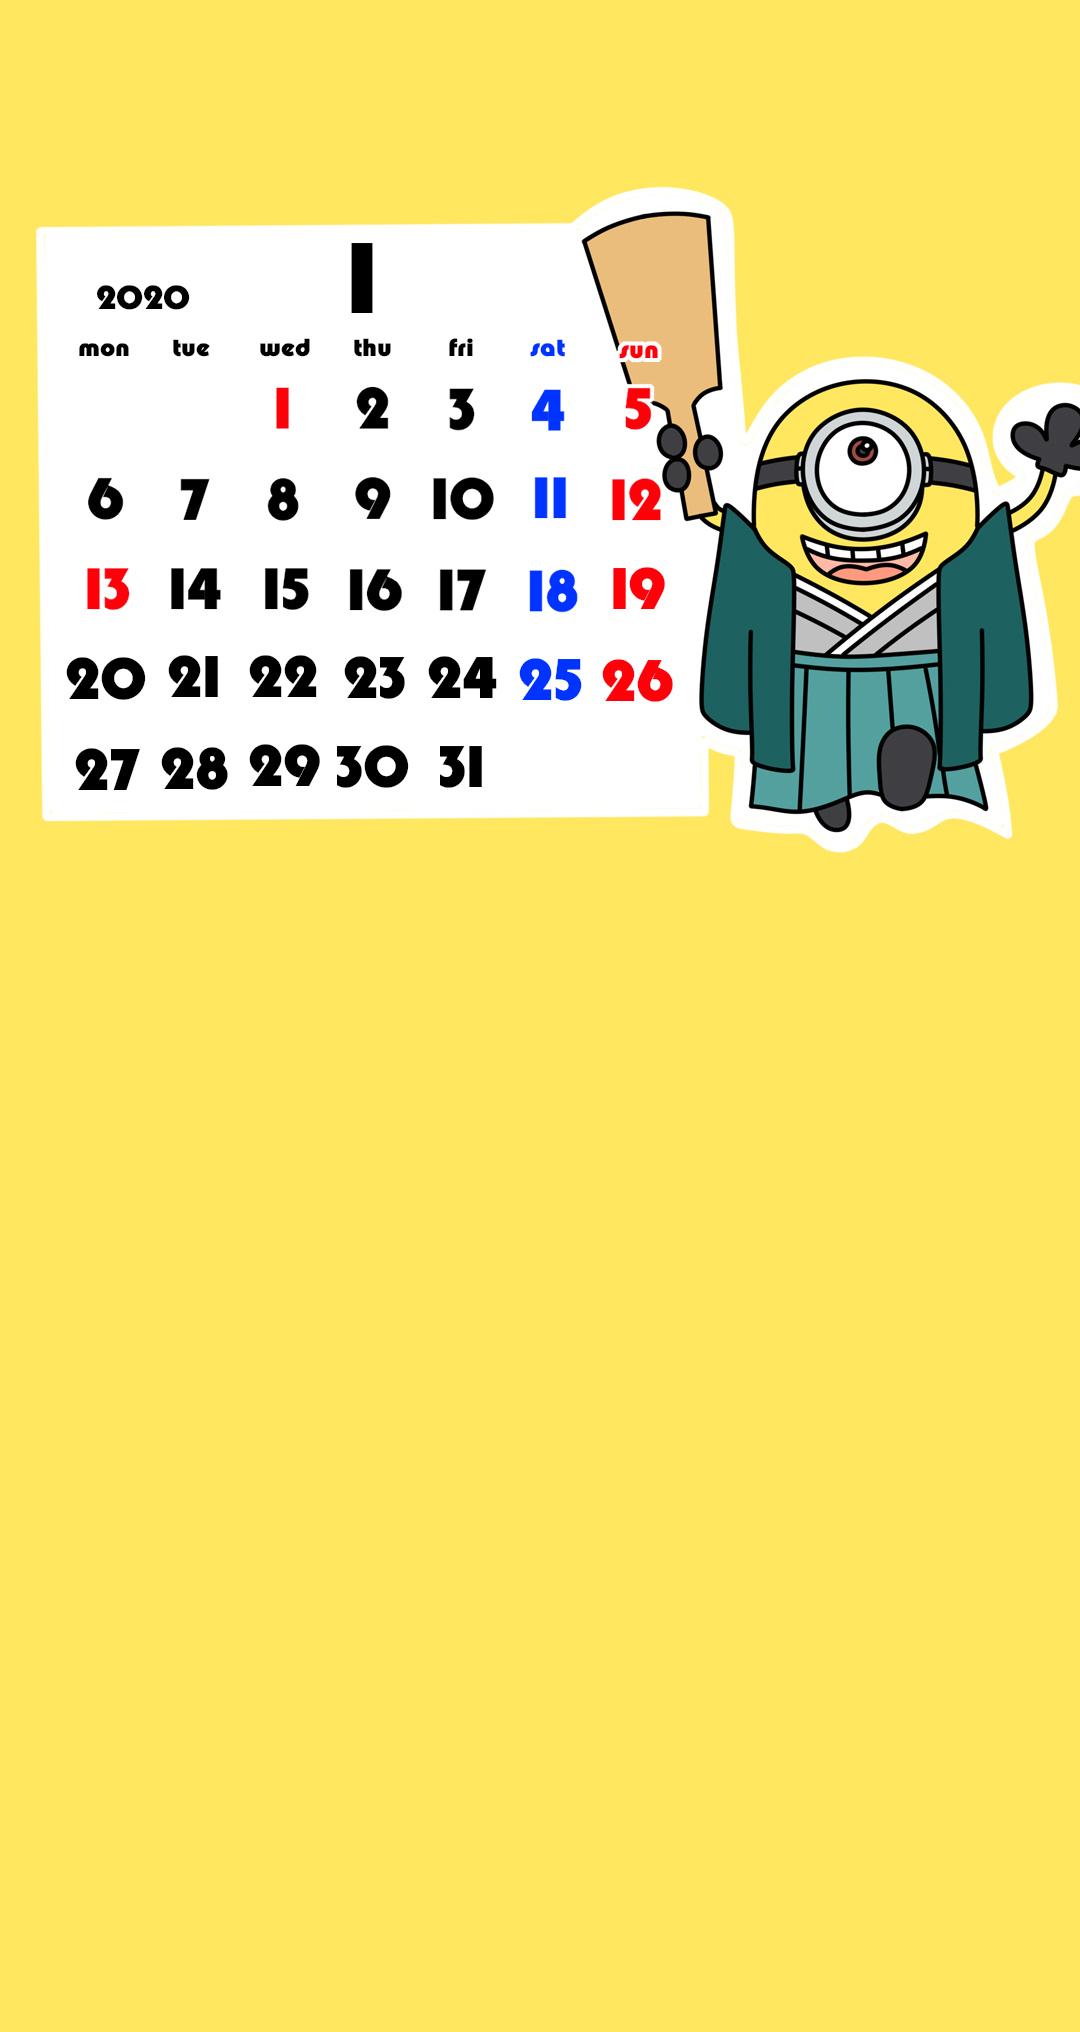 待ち受けカレンダー スマホ壁紙 ミニオンズ Android用 月曜始まり